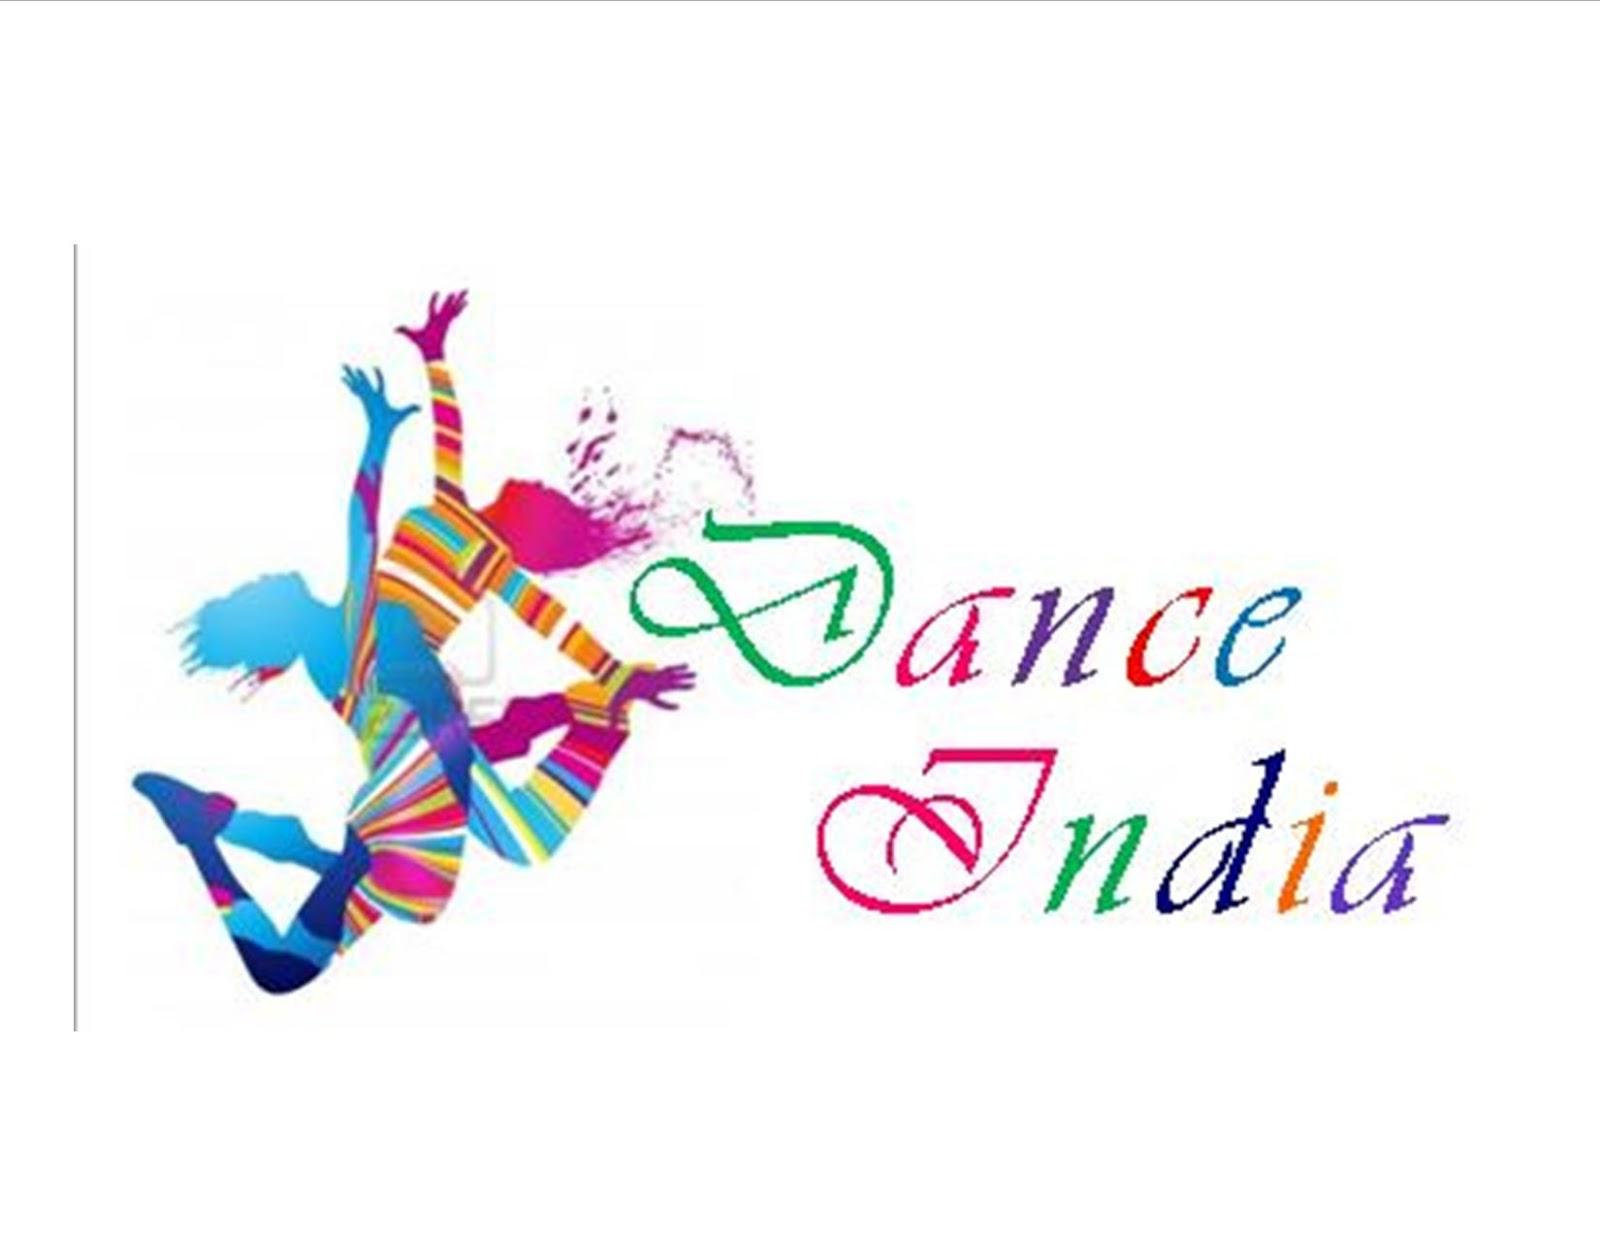 http://1.bp.blogspot.com/-8-H9g0560ZY/UP6S6GJfpQI/AAAAAAAAA8k/9hqJFoaqxVY/s1600/Dance+India.jpg